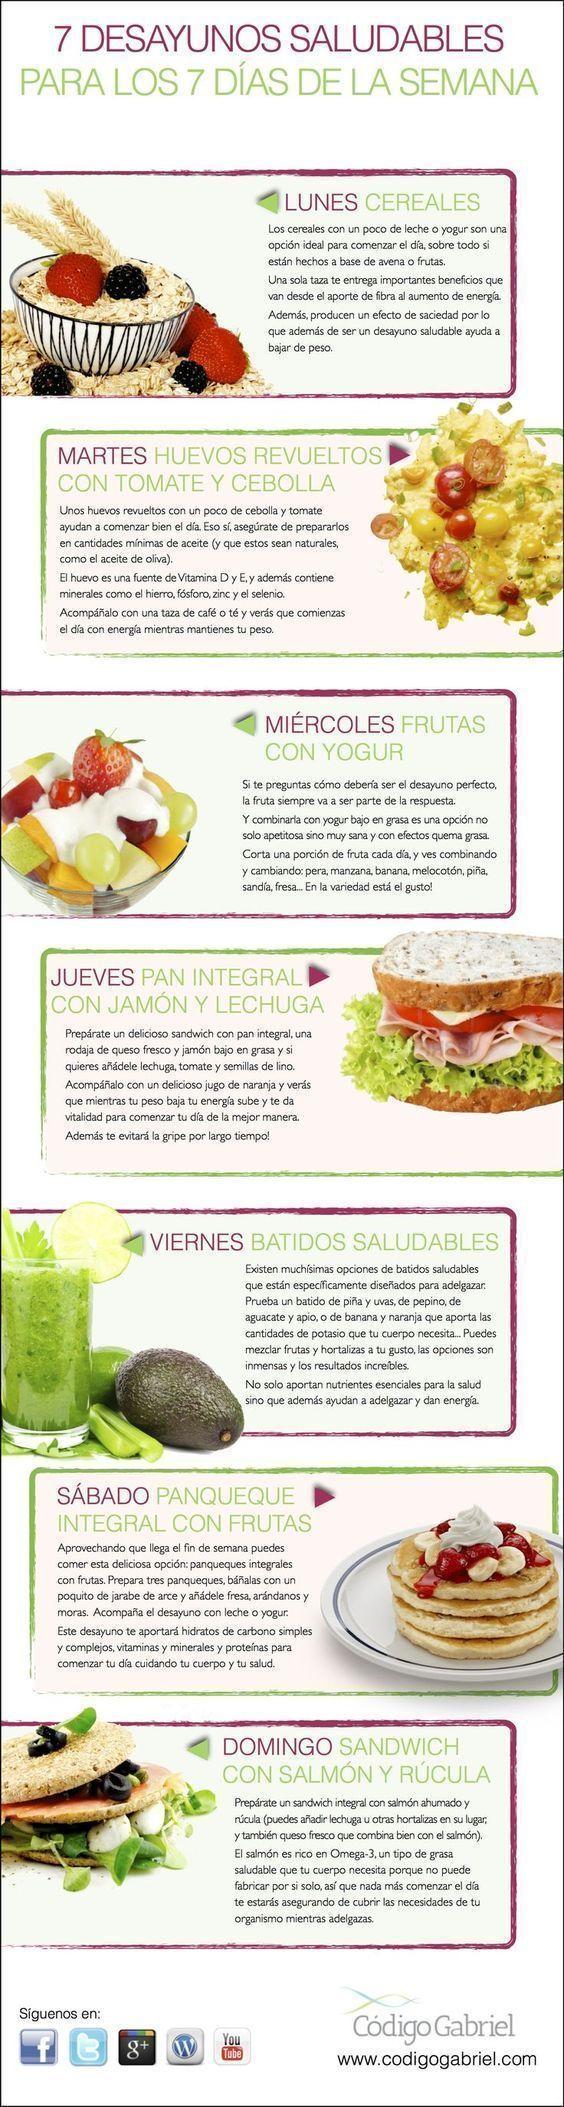 7 Desayunos Saludables Para Los 7 Días De La Semana Nutricion Salud Desayuno Comersanofrases Comersanobajardepeso Workout Food Comida Fitness Health Food